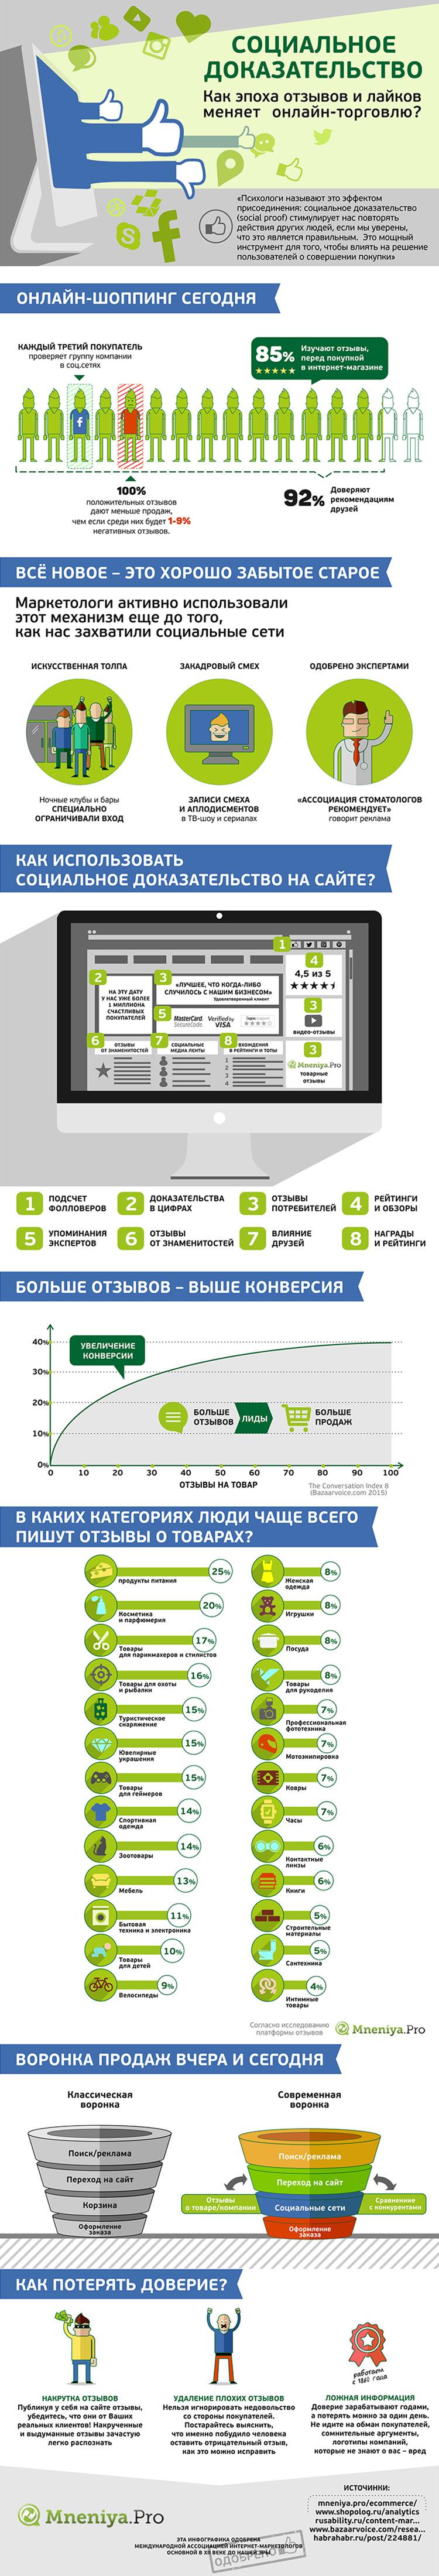 info-mneniya